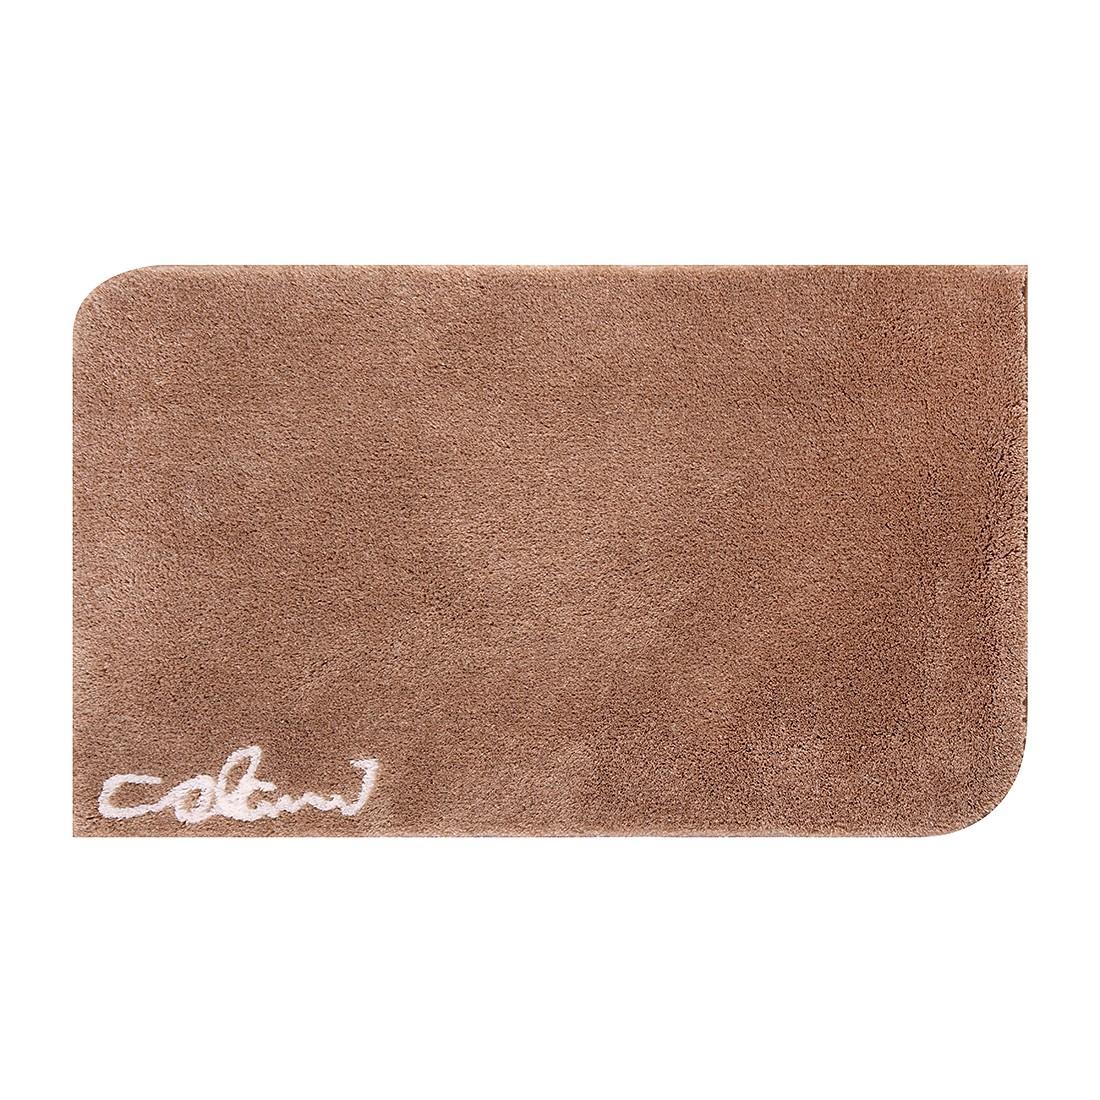 Badteppich Colani 40 – Beige – Größe: 120 x 70 cm, Colani online kaufen